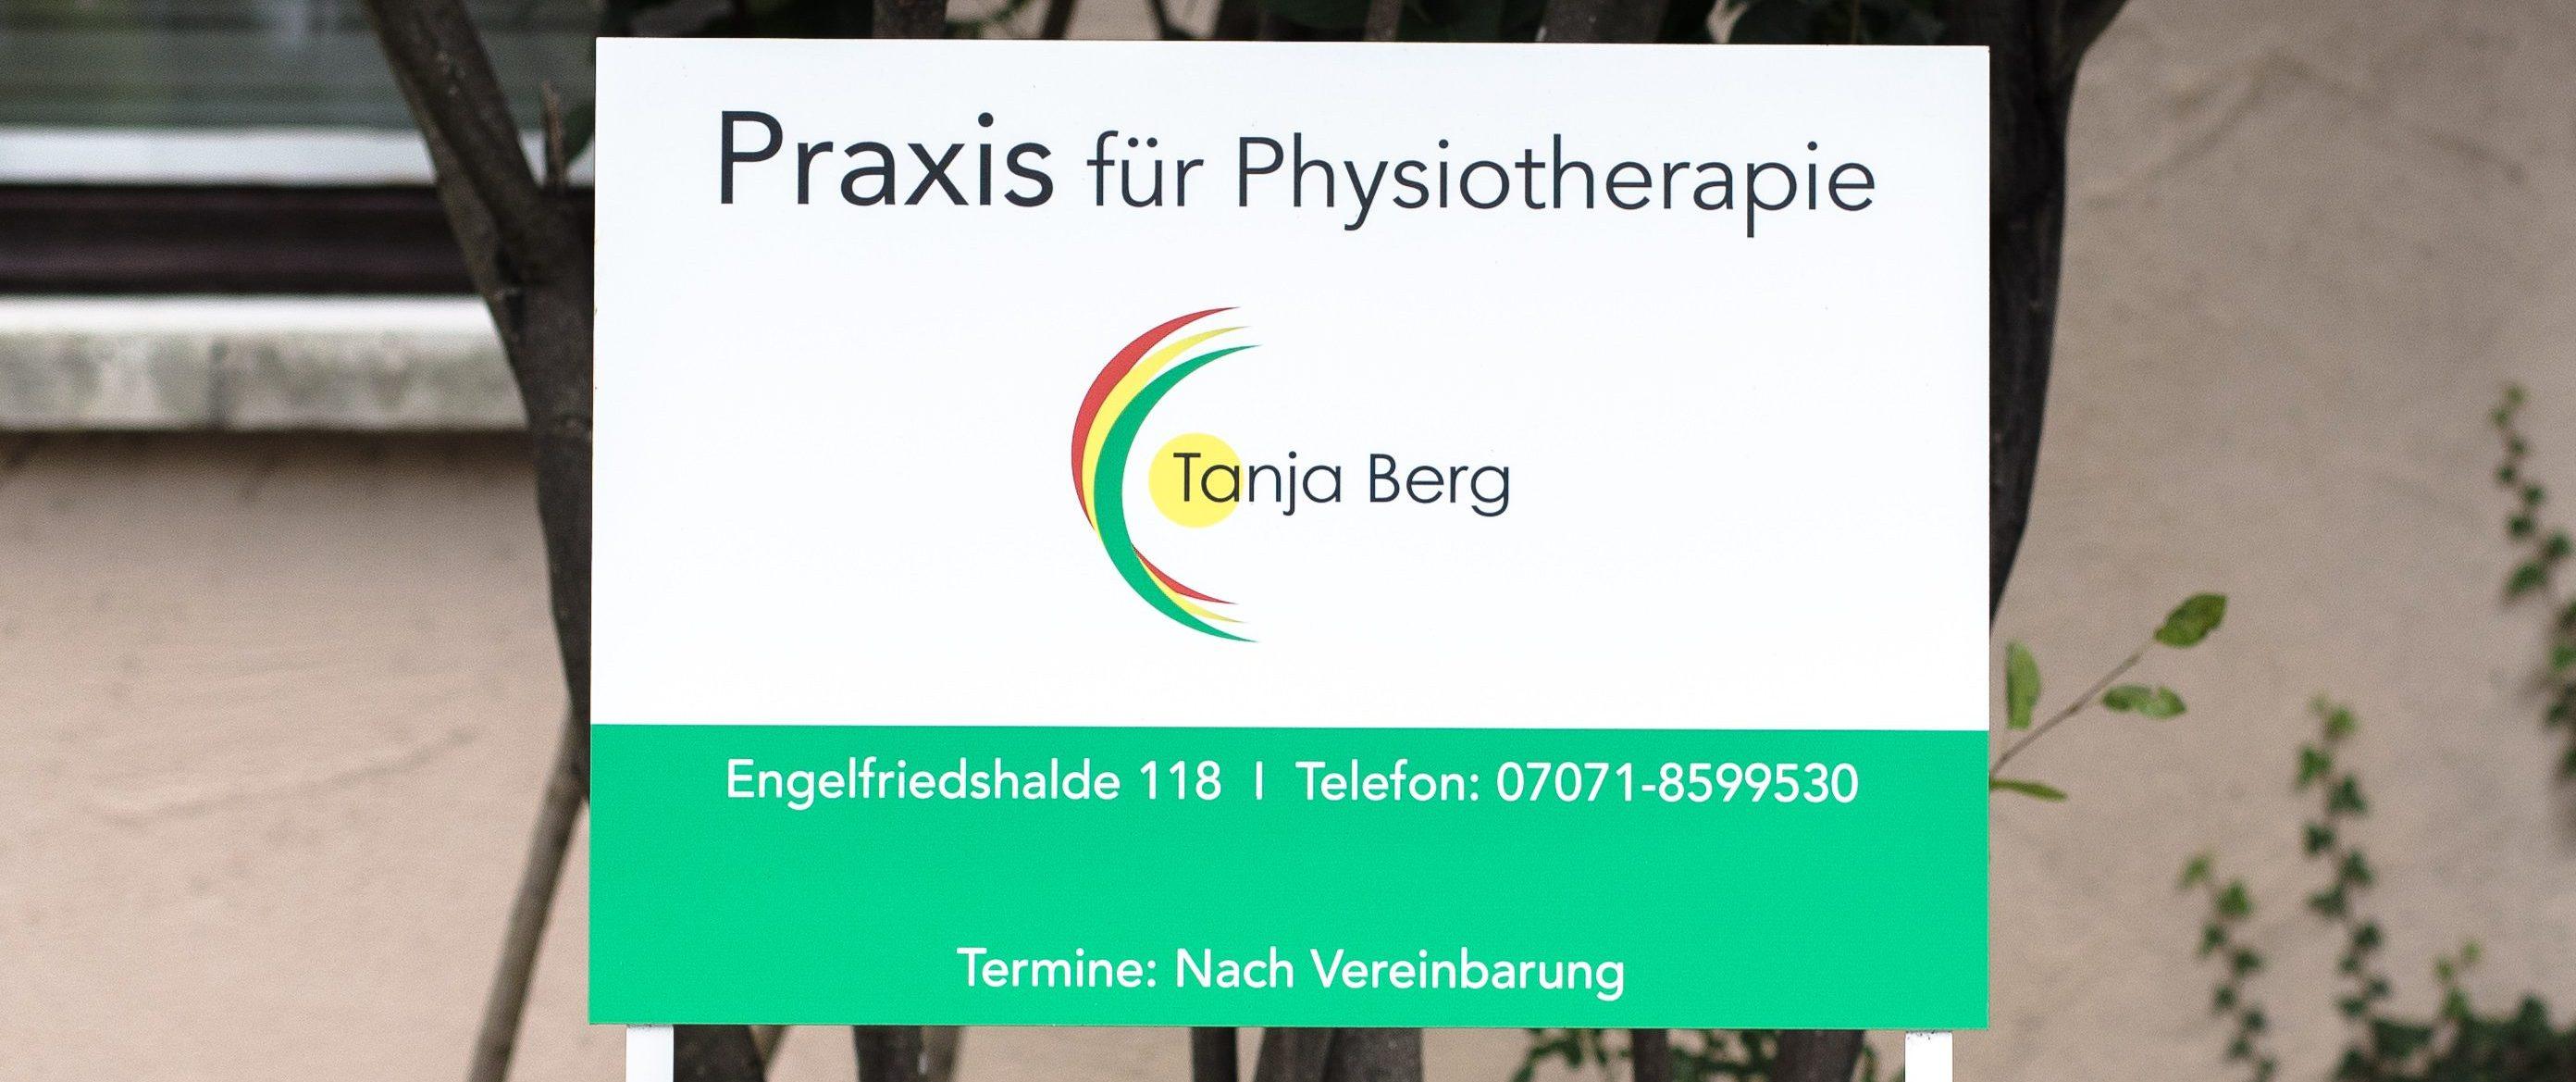 Praxis für Physiotherapie Tanja Berg